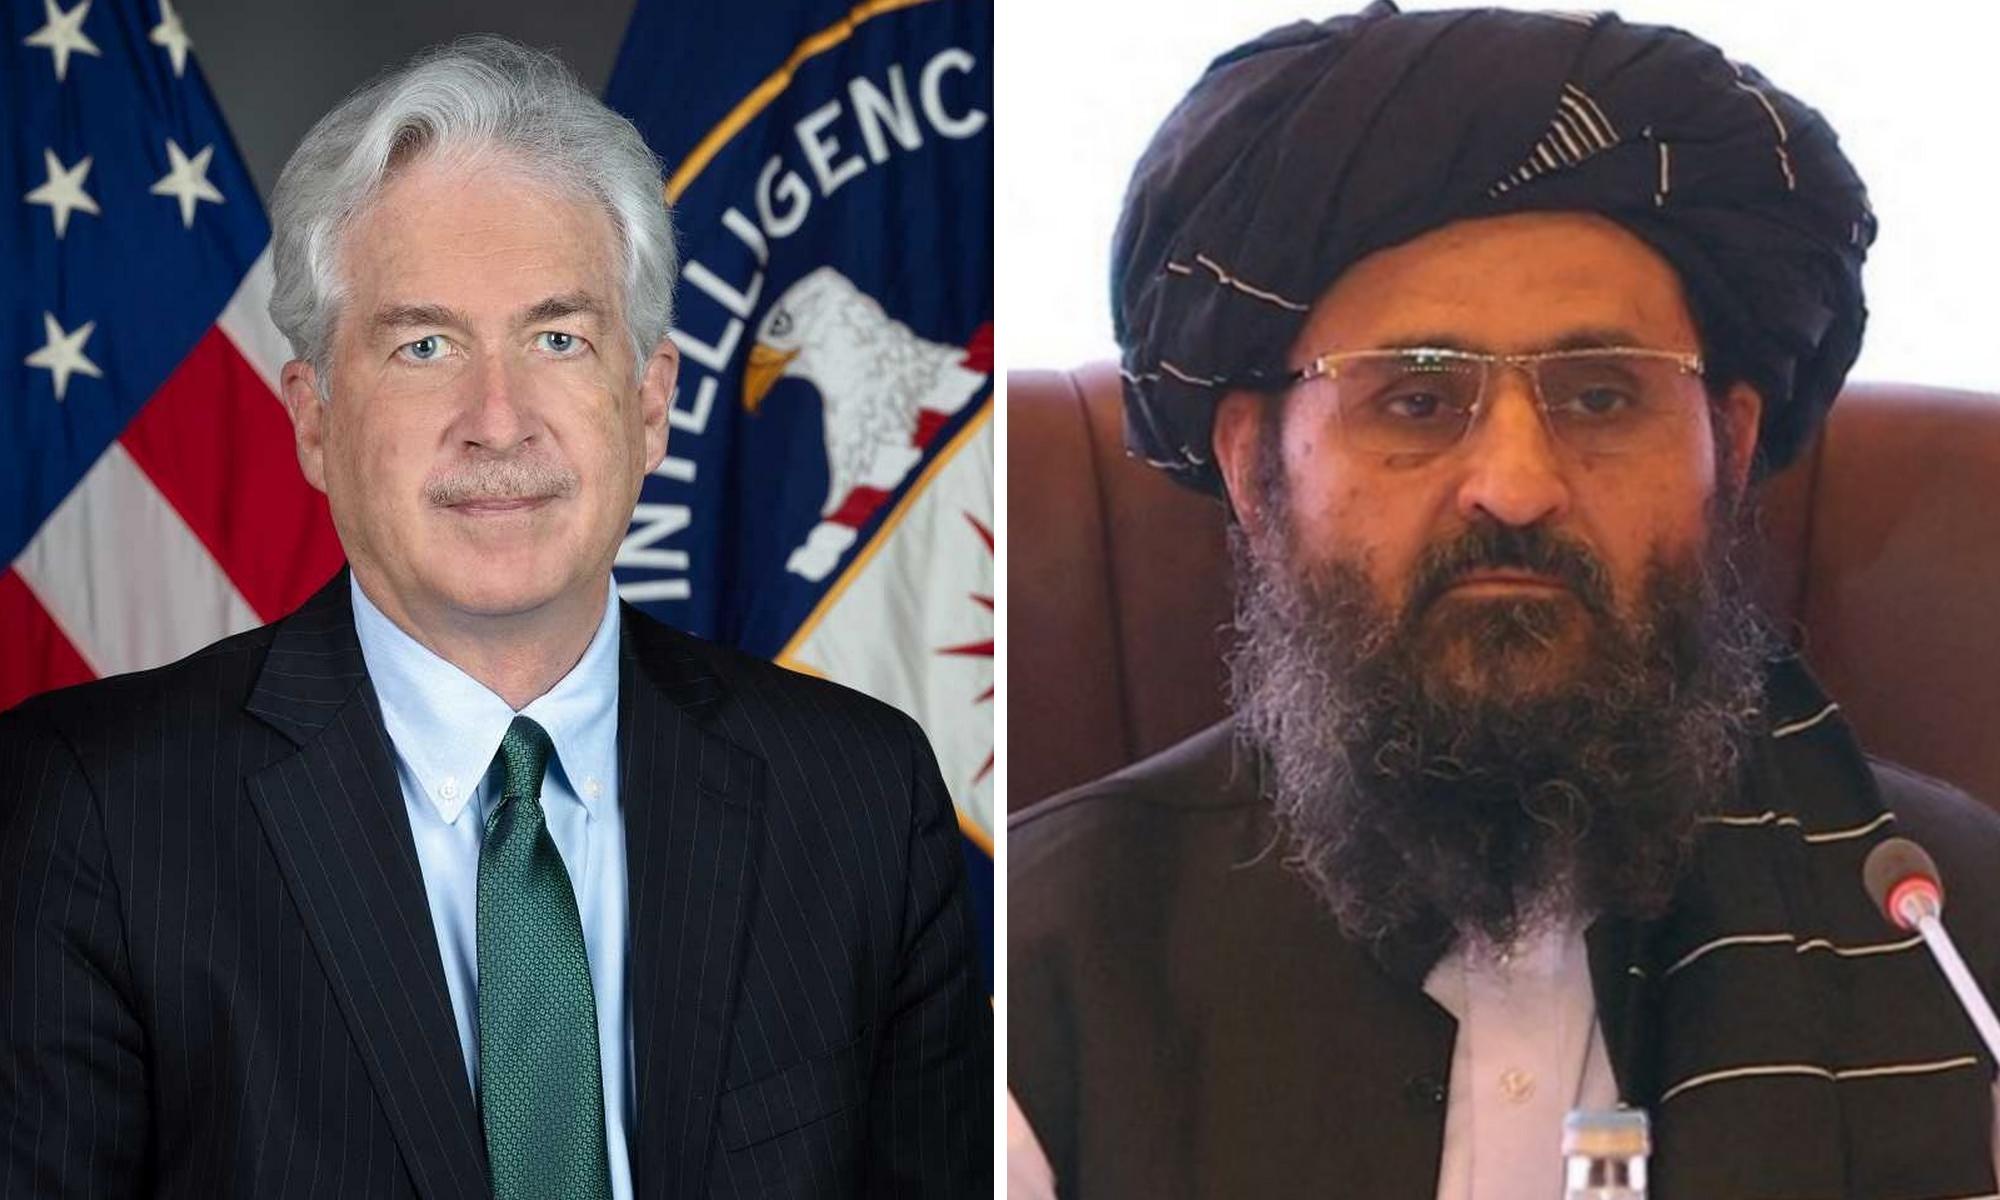 Titokban találkozott egymással a CIA igazgatója és a tálibok vezetője Kabulban | szmo.hu